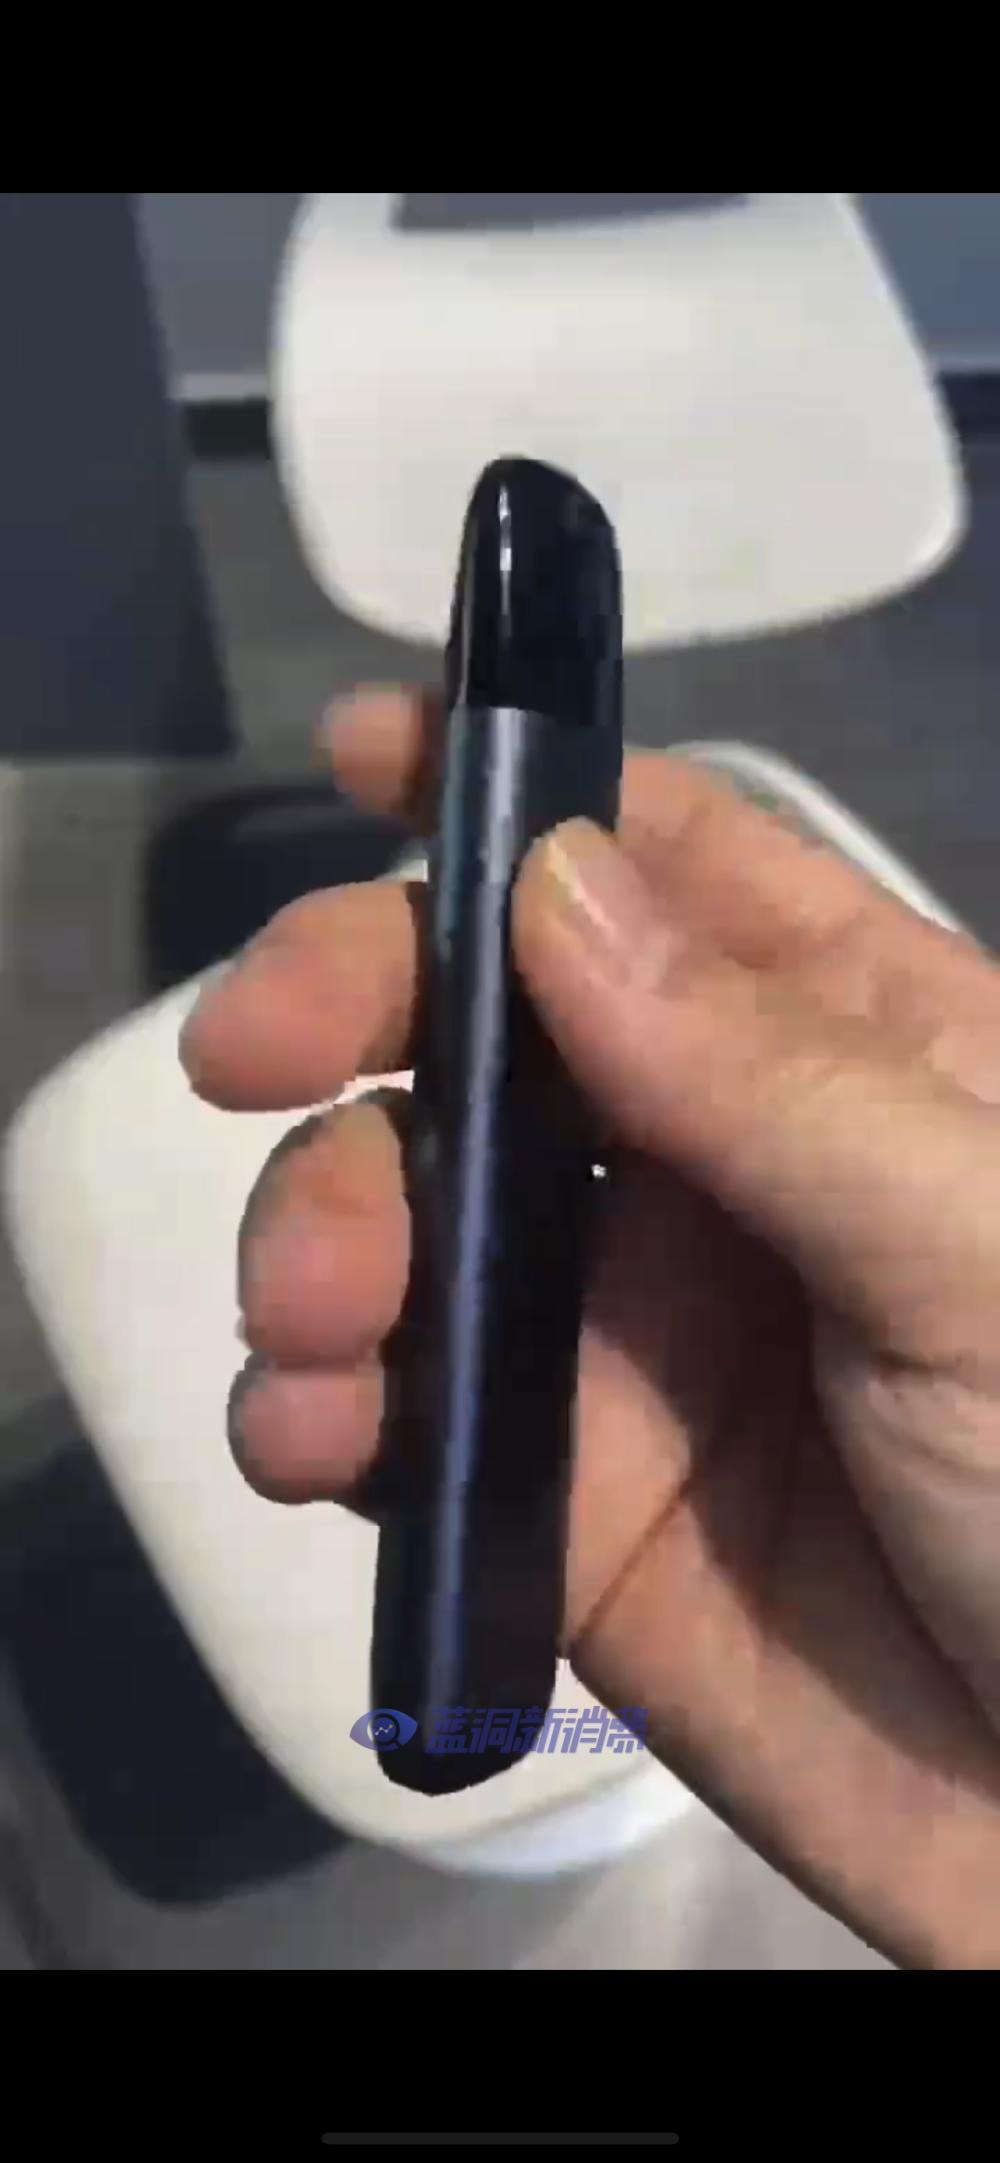 图:疑似YOOZ新品换弹主机YOOZ柚子三代泄露?